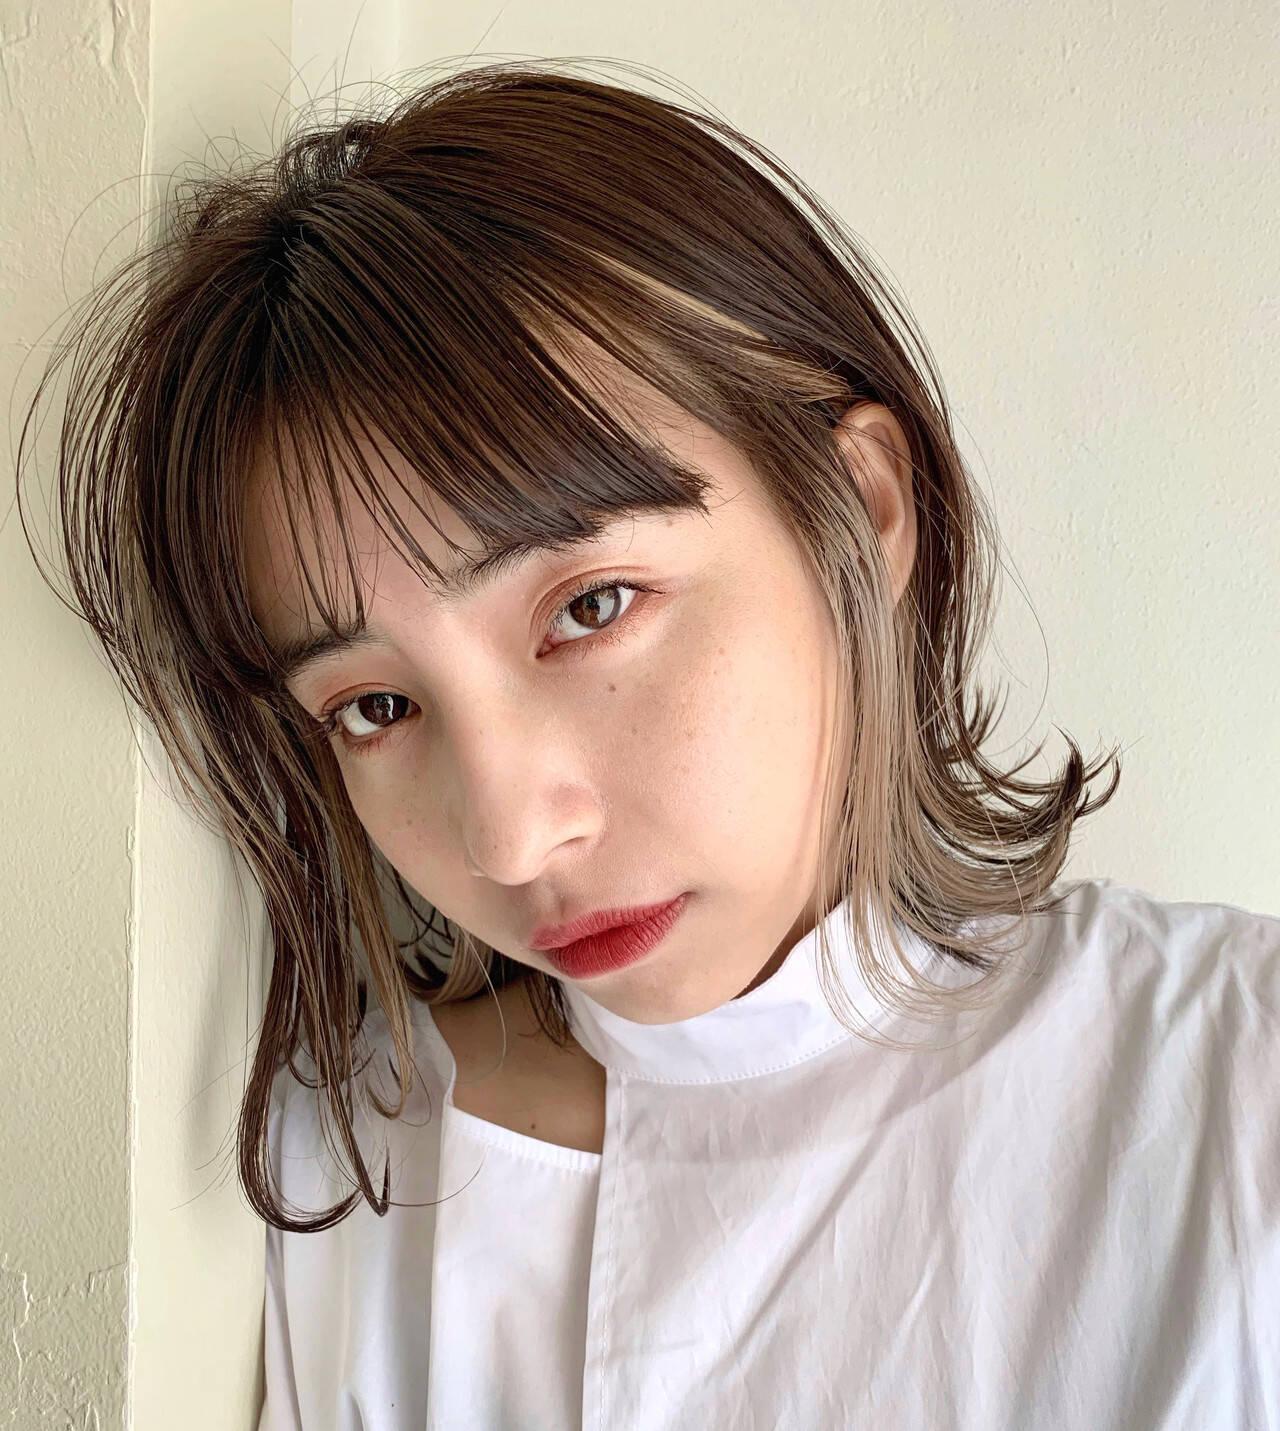 韓国風ヘアー ブリーチカラー ナチュラル ミディアムヘアスタイルや髪型の写真・画像